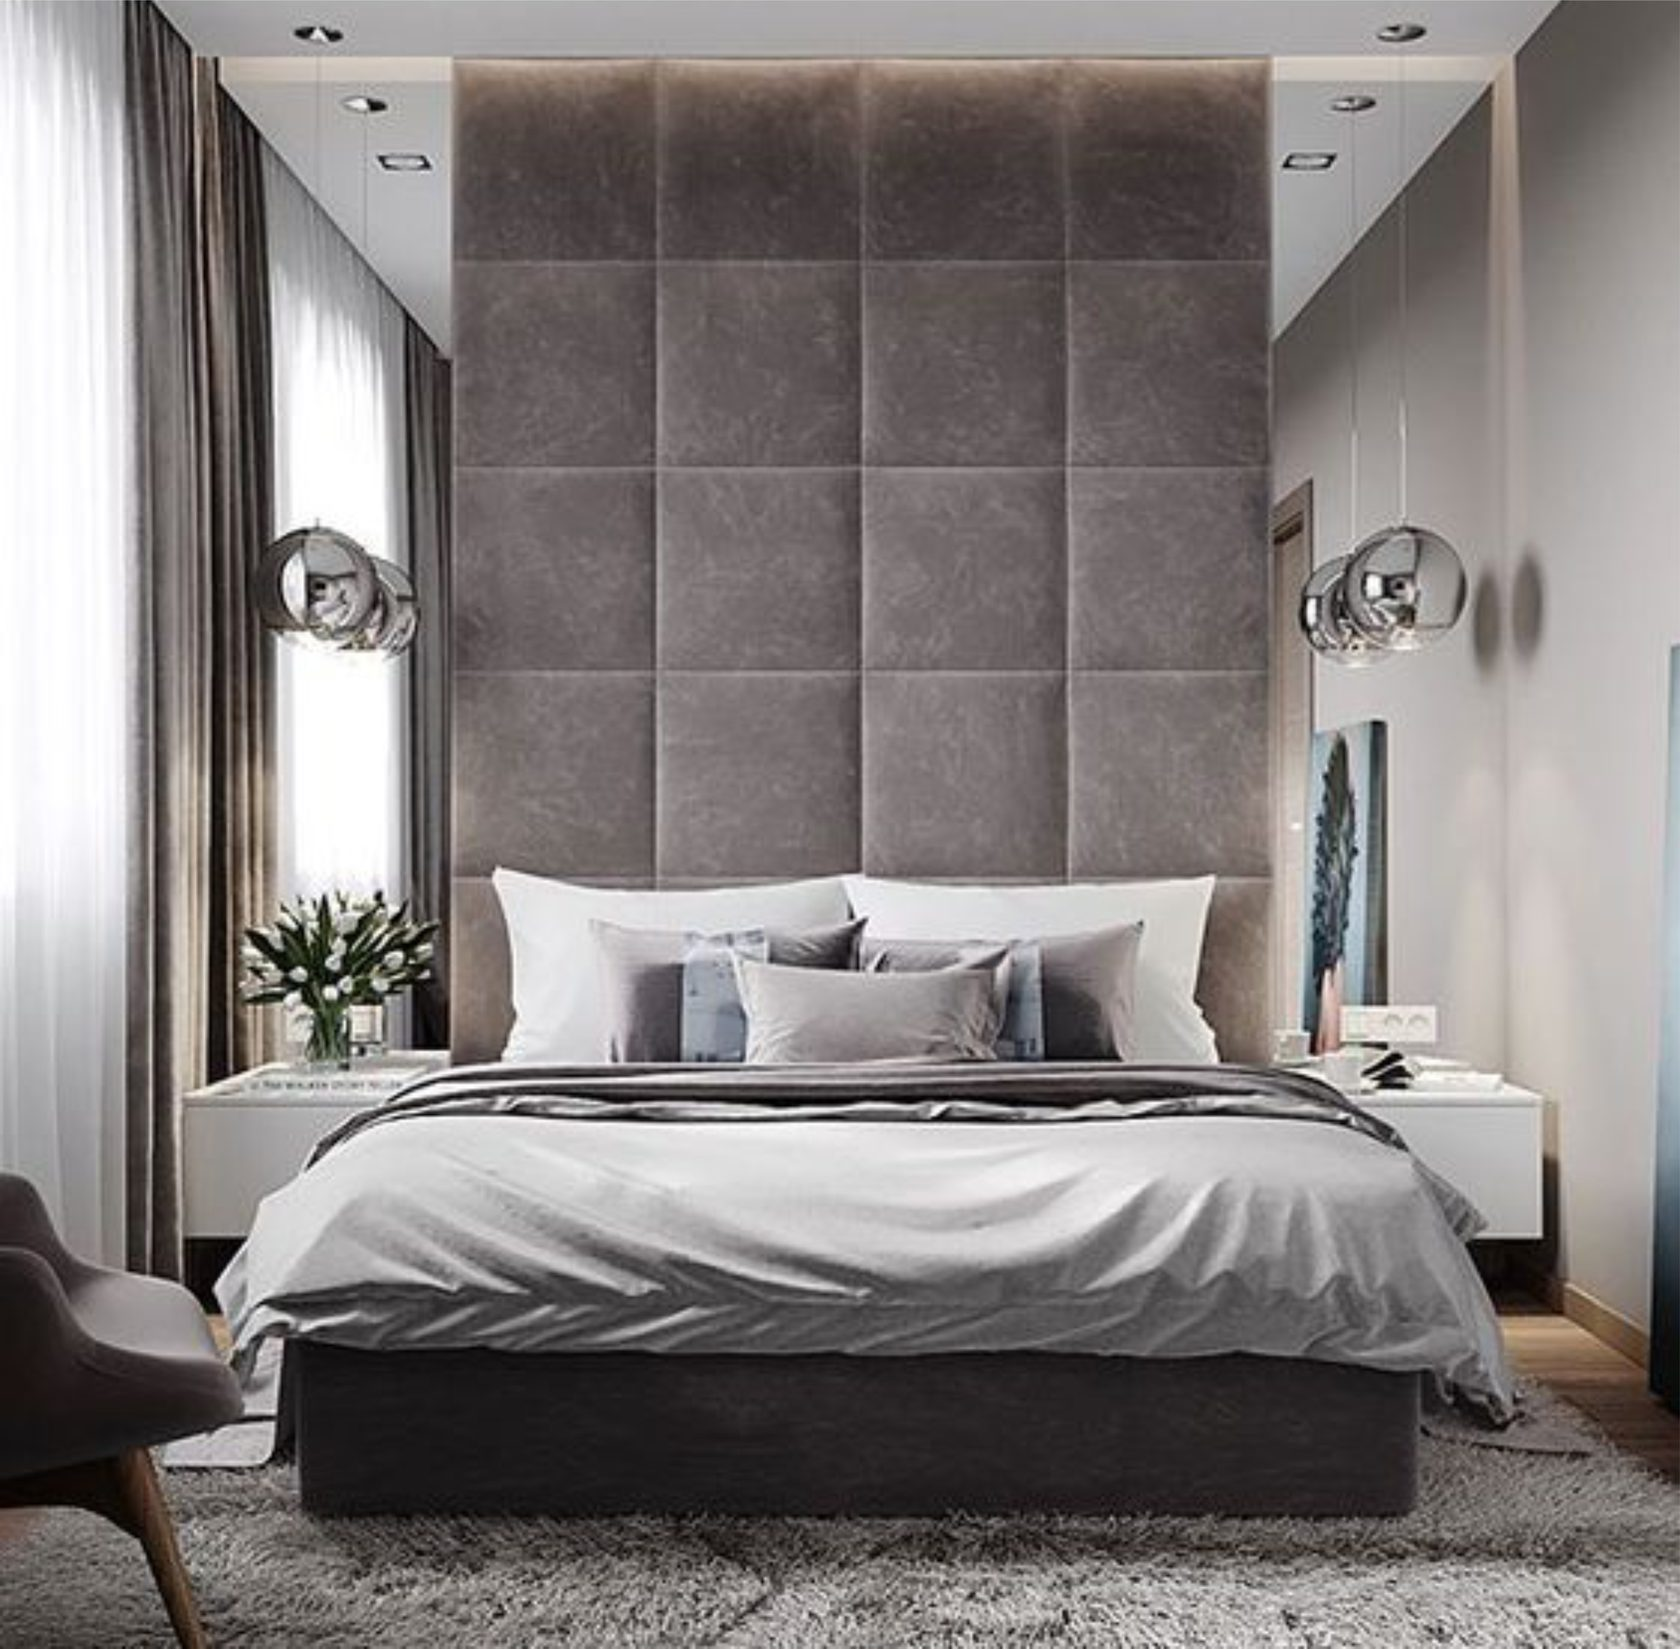 Изголовье кровати делает на себе акцент, если оно до потолка